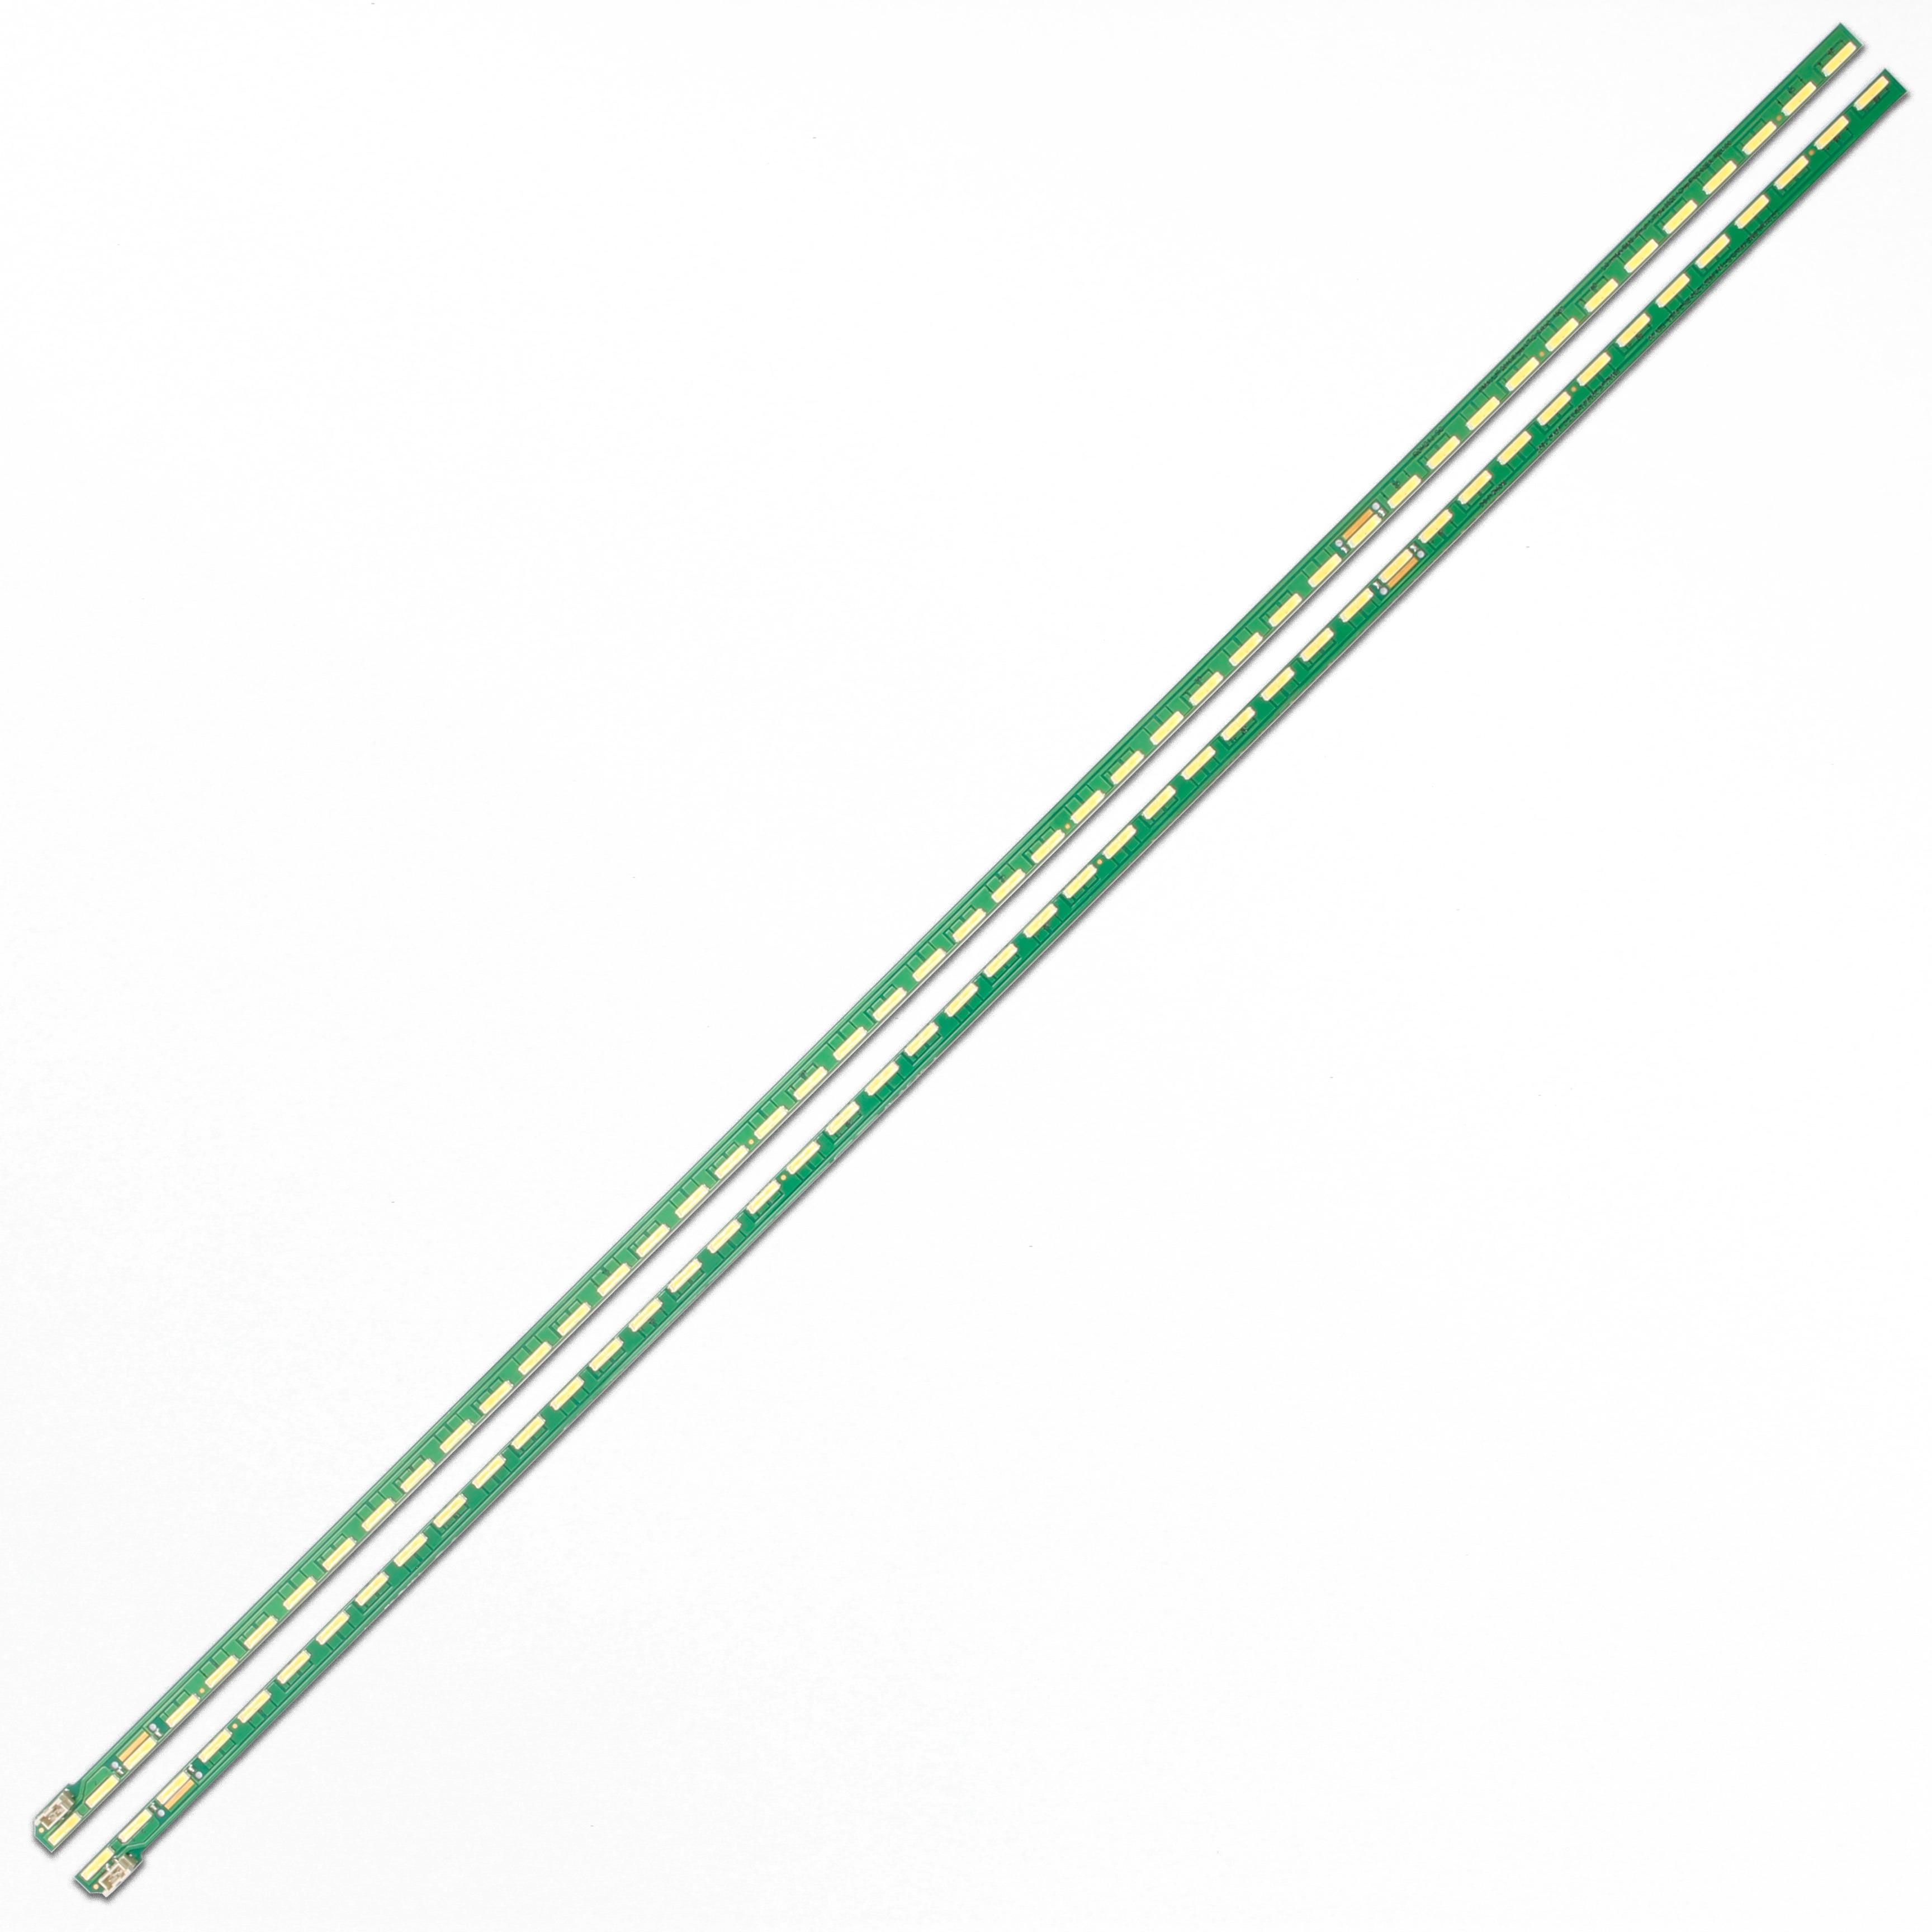 15 наборов = 30 шт. 46 светодиодный 537 мм Светодиодная лента для подсветки 49 дюймов FHD R L-образные фотообои для LG 49LF5400 NC490EUN MAK63267301